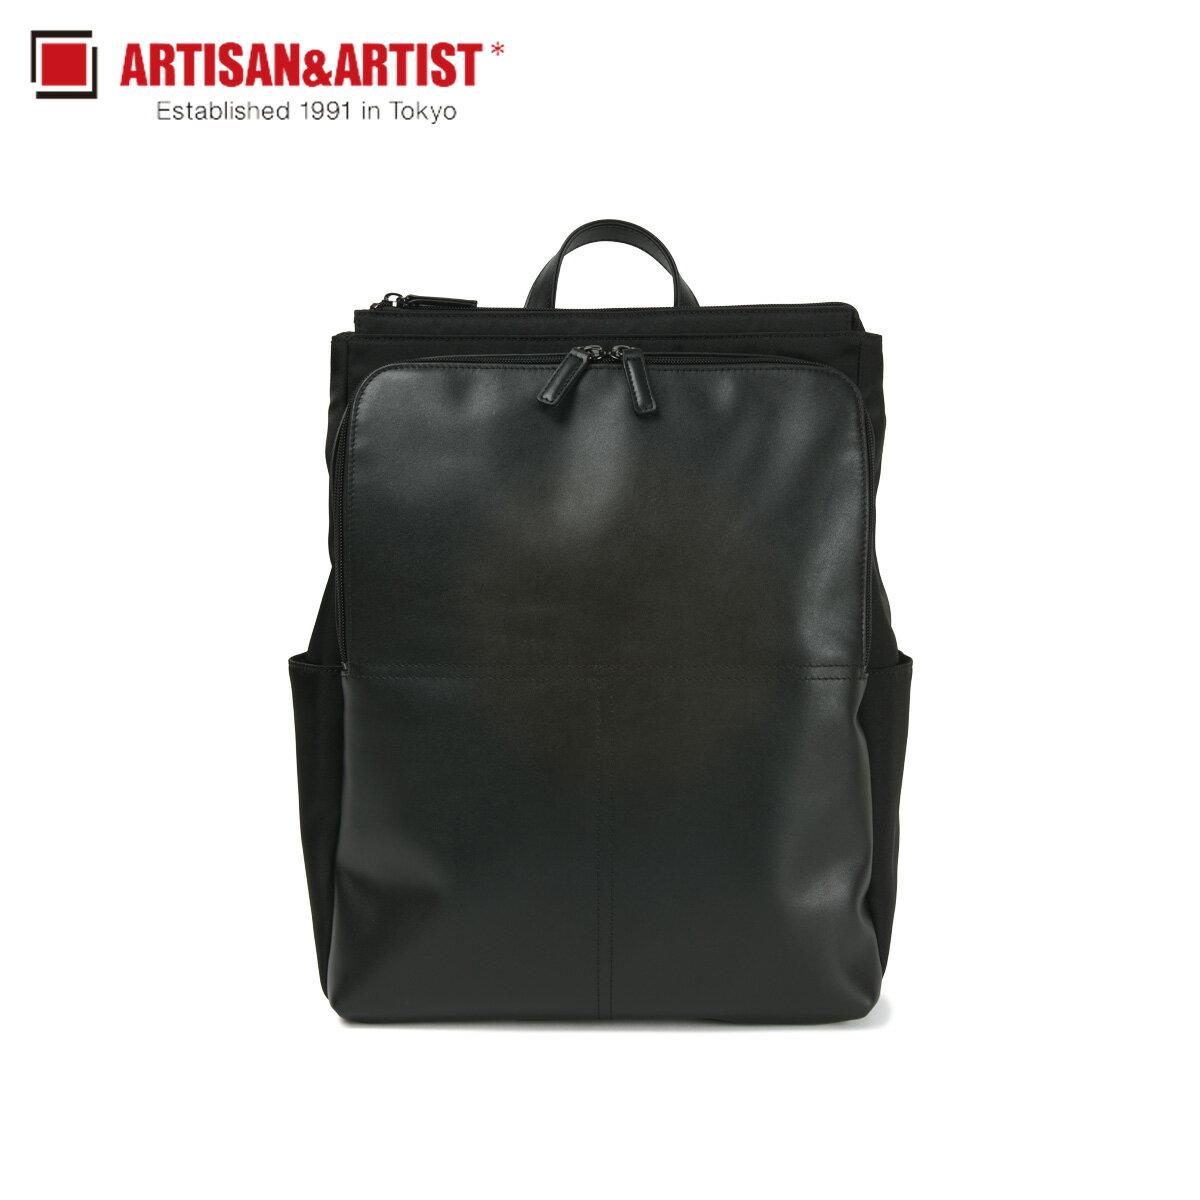 男女兼用バッグ, バックパック・リュック 1000OFF ARTISANARTIST PROPOSAL XWB-BU187